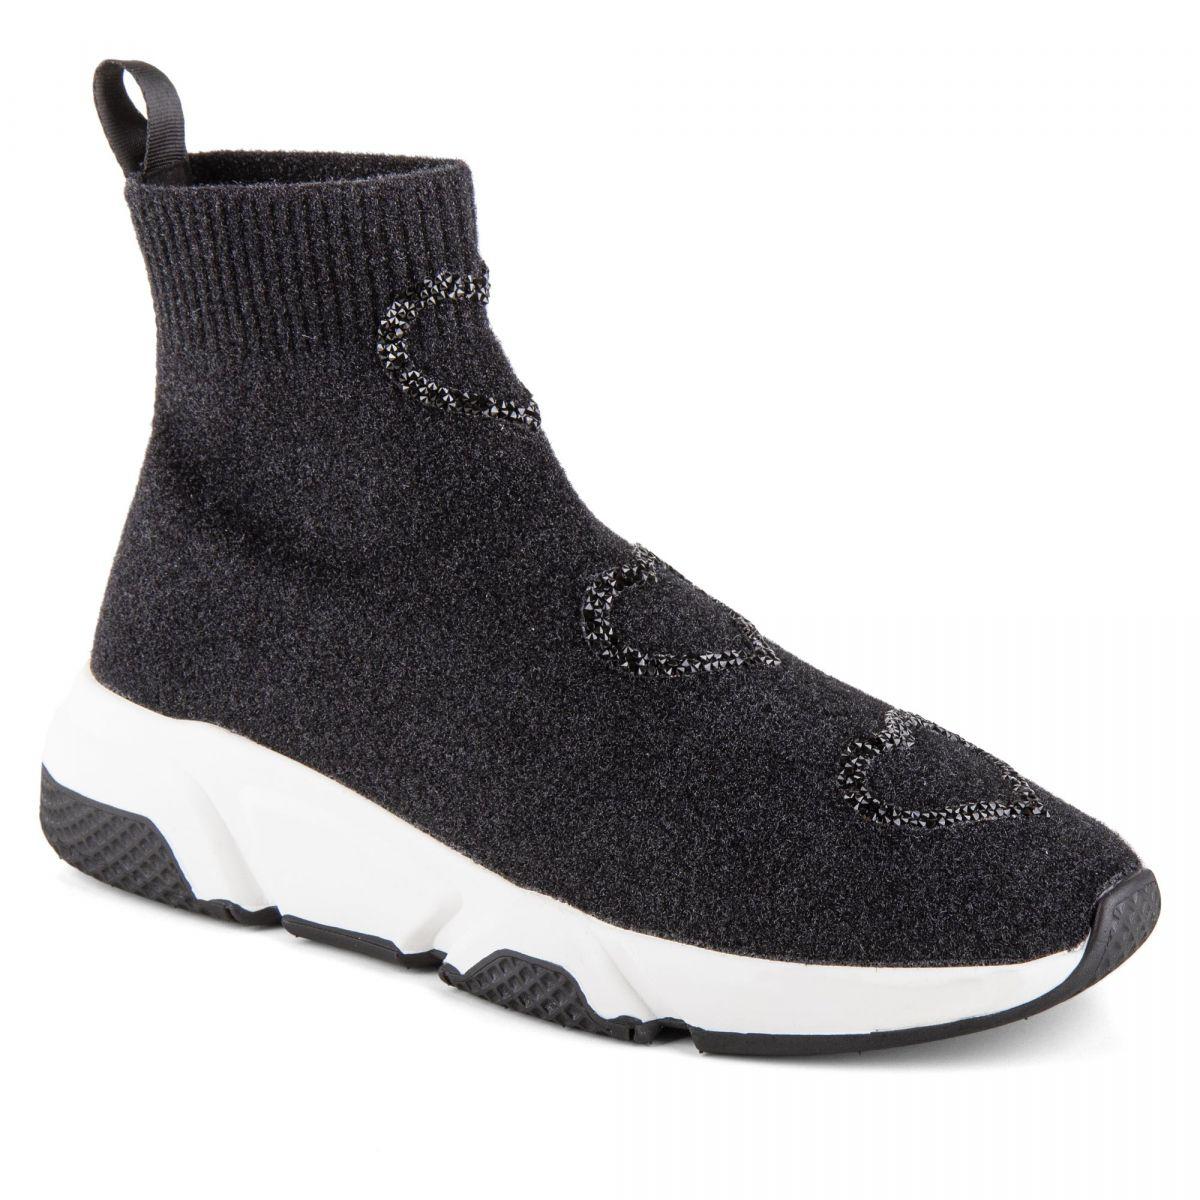 Baskets chaussettes montantes noires femme BETTY Studio Italia à prix